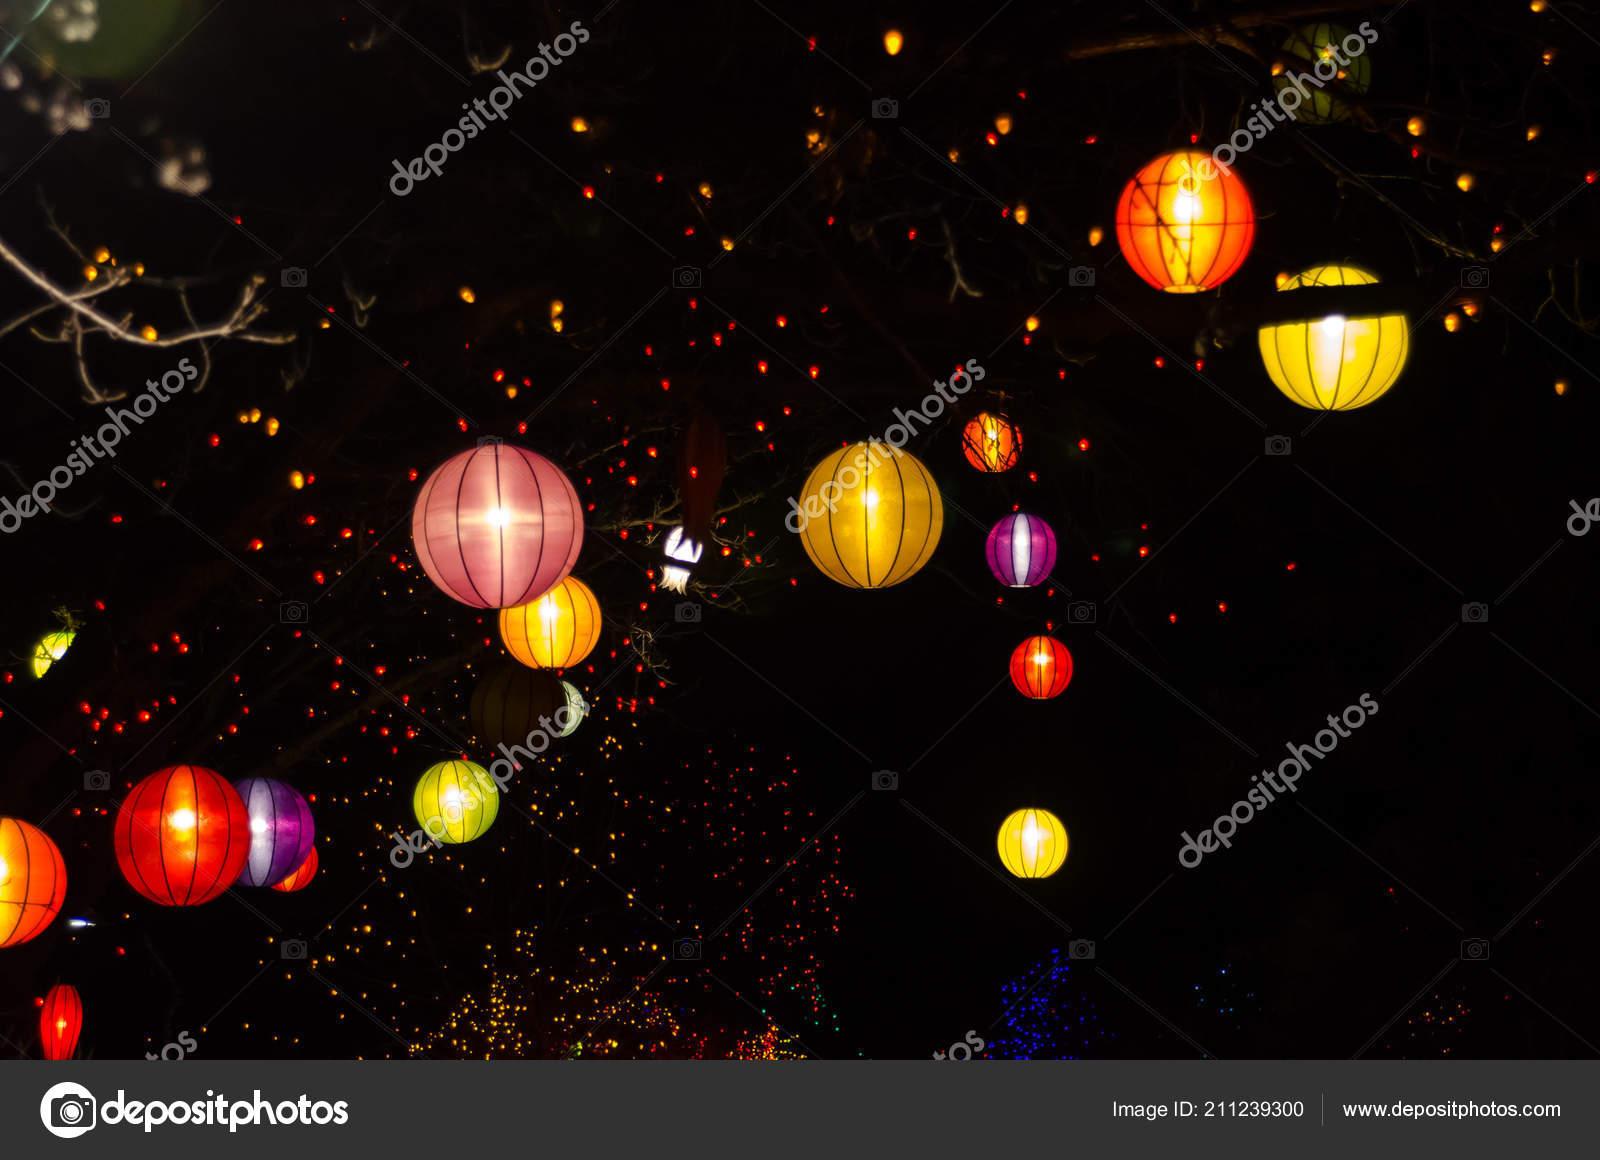 Weihnachtsbeleuchtung Außenbereich.Chinesische Laternen Und Weihnachtsbeleuchtung Außenbereich Bäumen